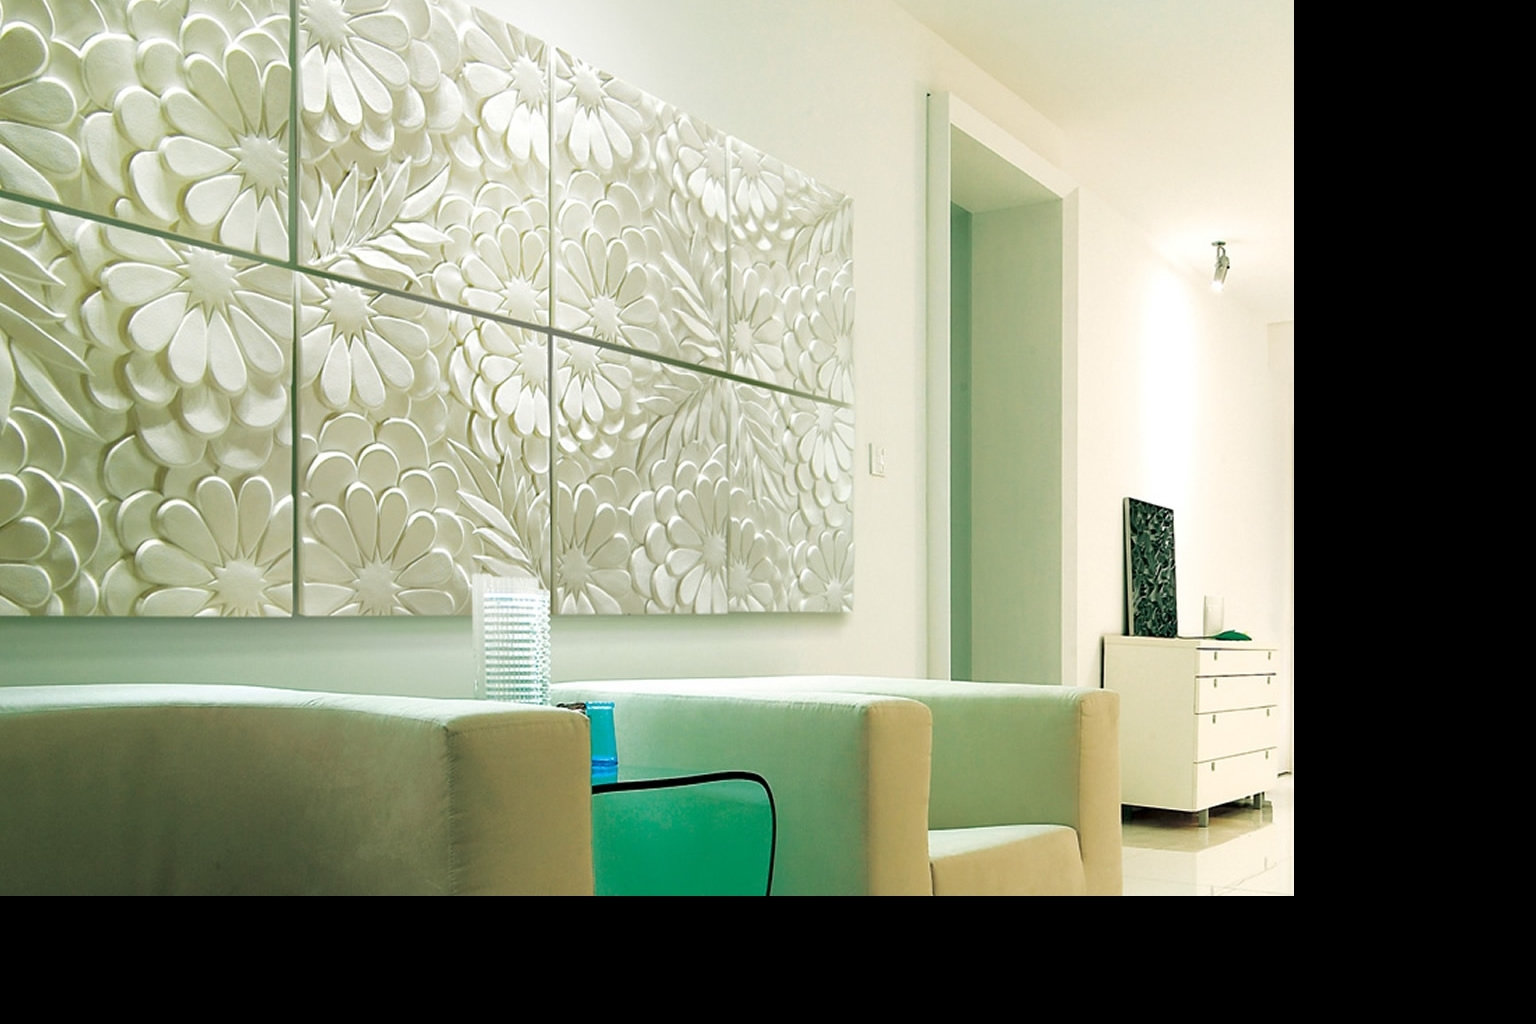 South Africa Wall Art 3D In 2017 Wall Art Ideas Design : South Africa 3D Wall Art Panels Design (View 12 of 15)